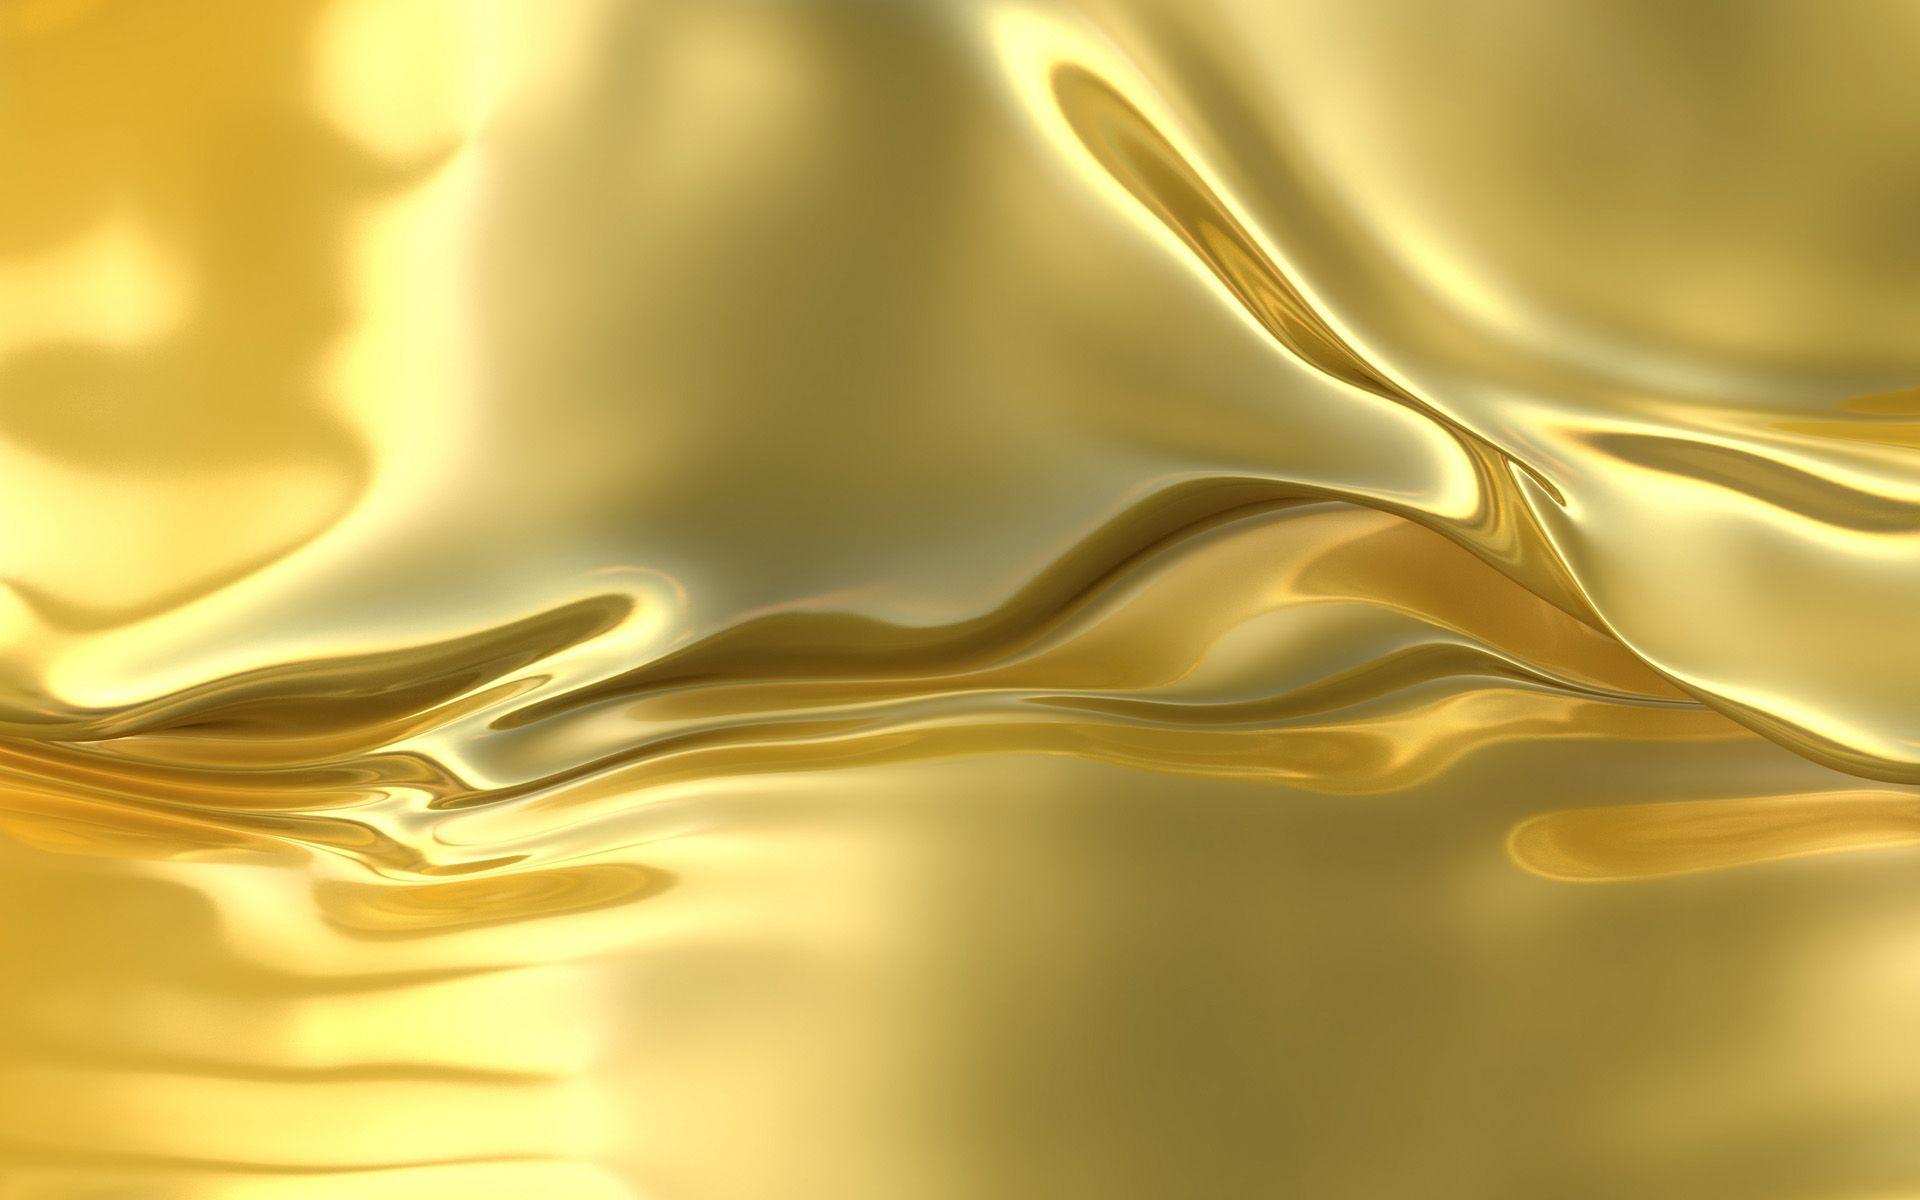 Fluid Gold Gold Abstract Wallpaper Gold Wallpaper Golden Wallpaper